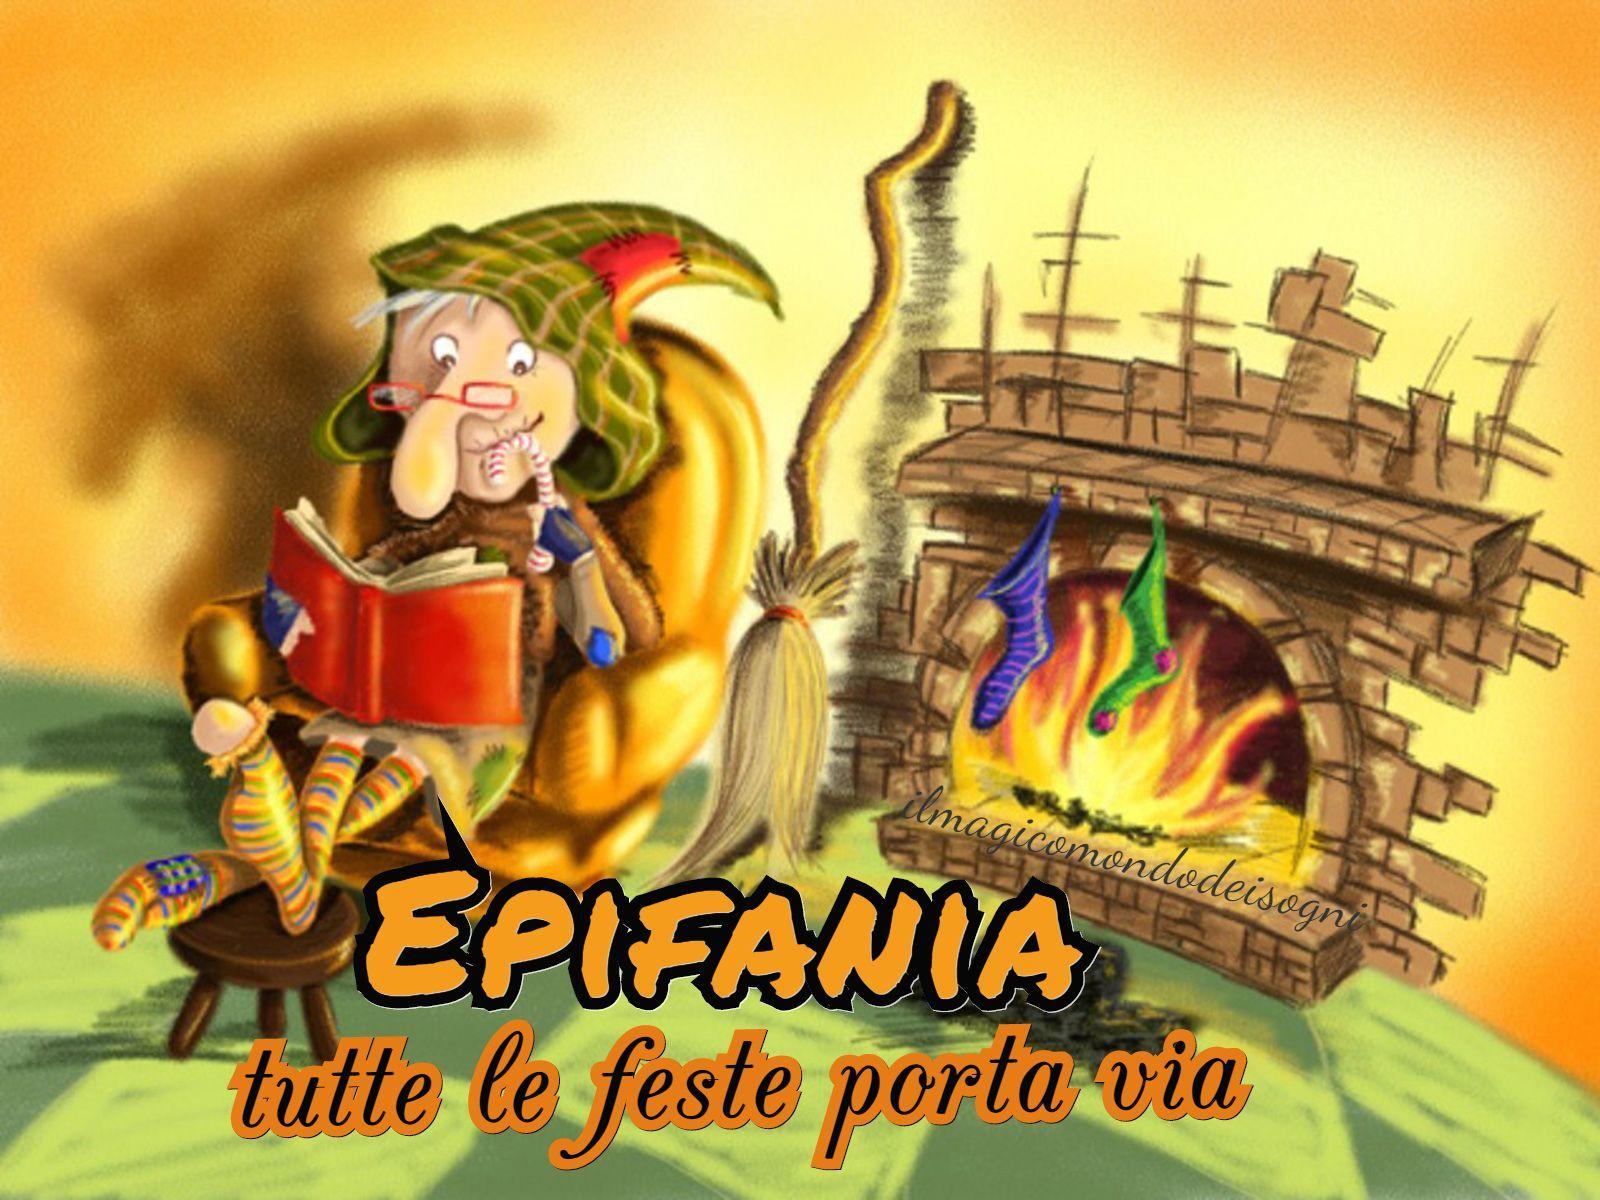 Epifania Tutte Le Feste Porta Via Festeggeremo La Befana Come